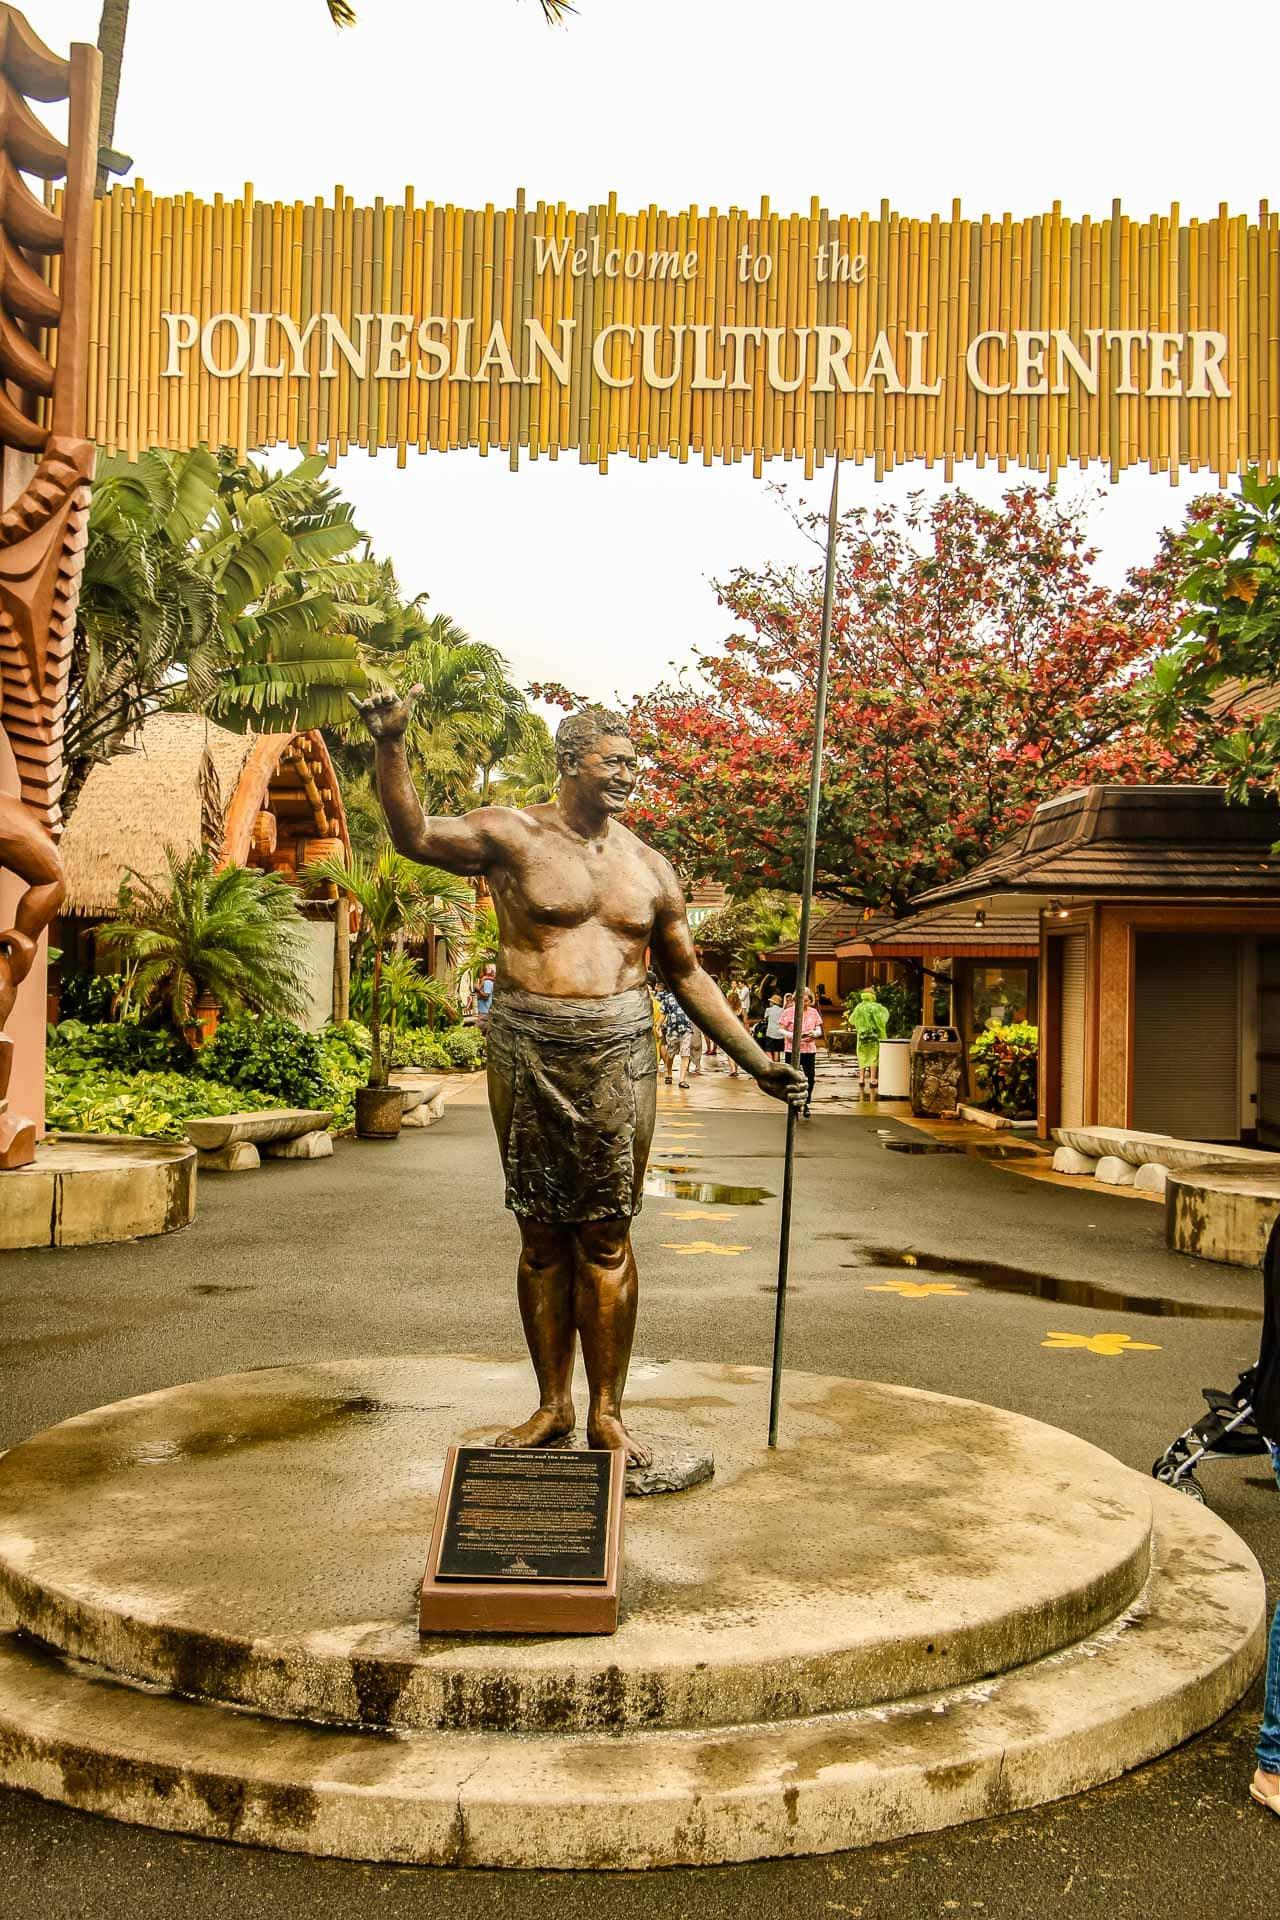 Polynesian Cultural Center In Big Island